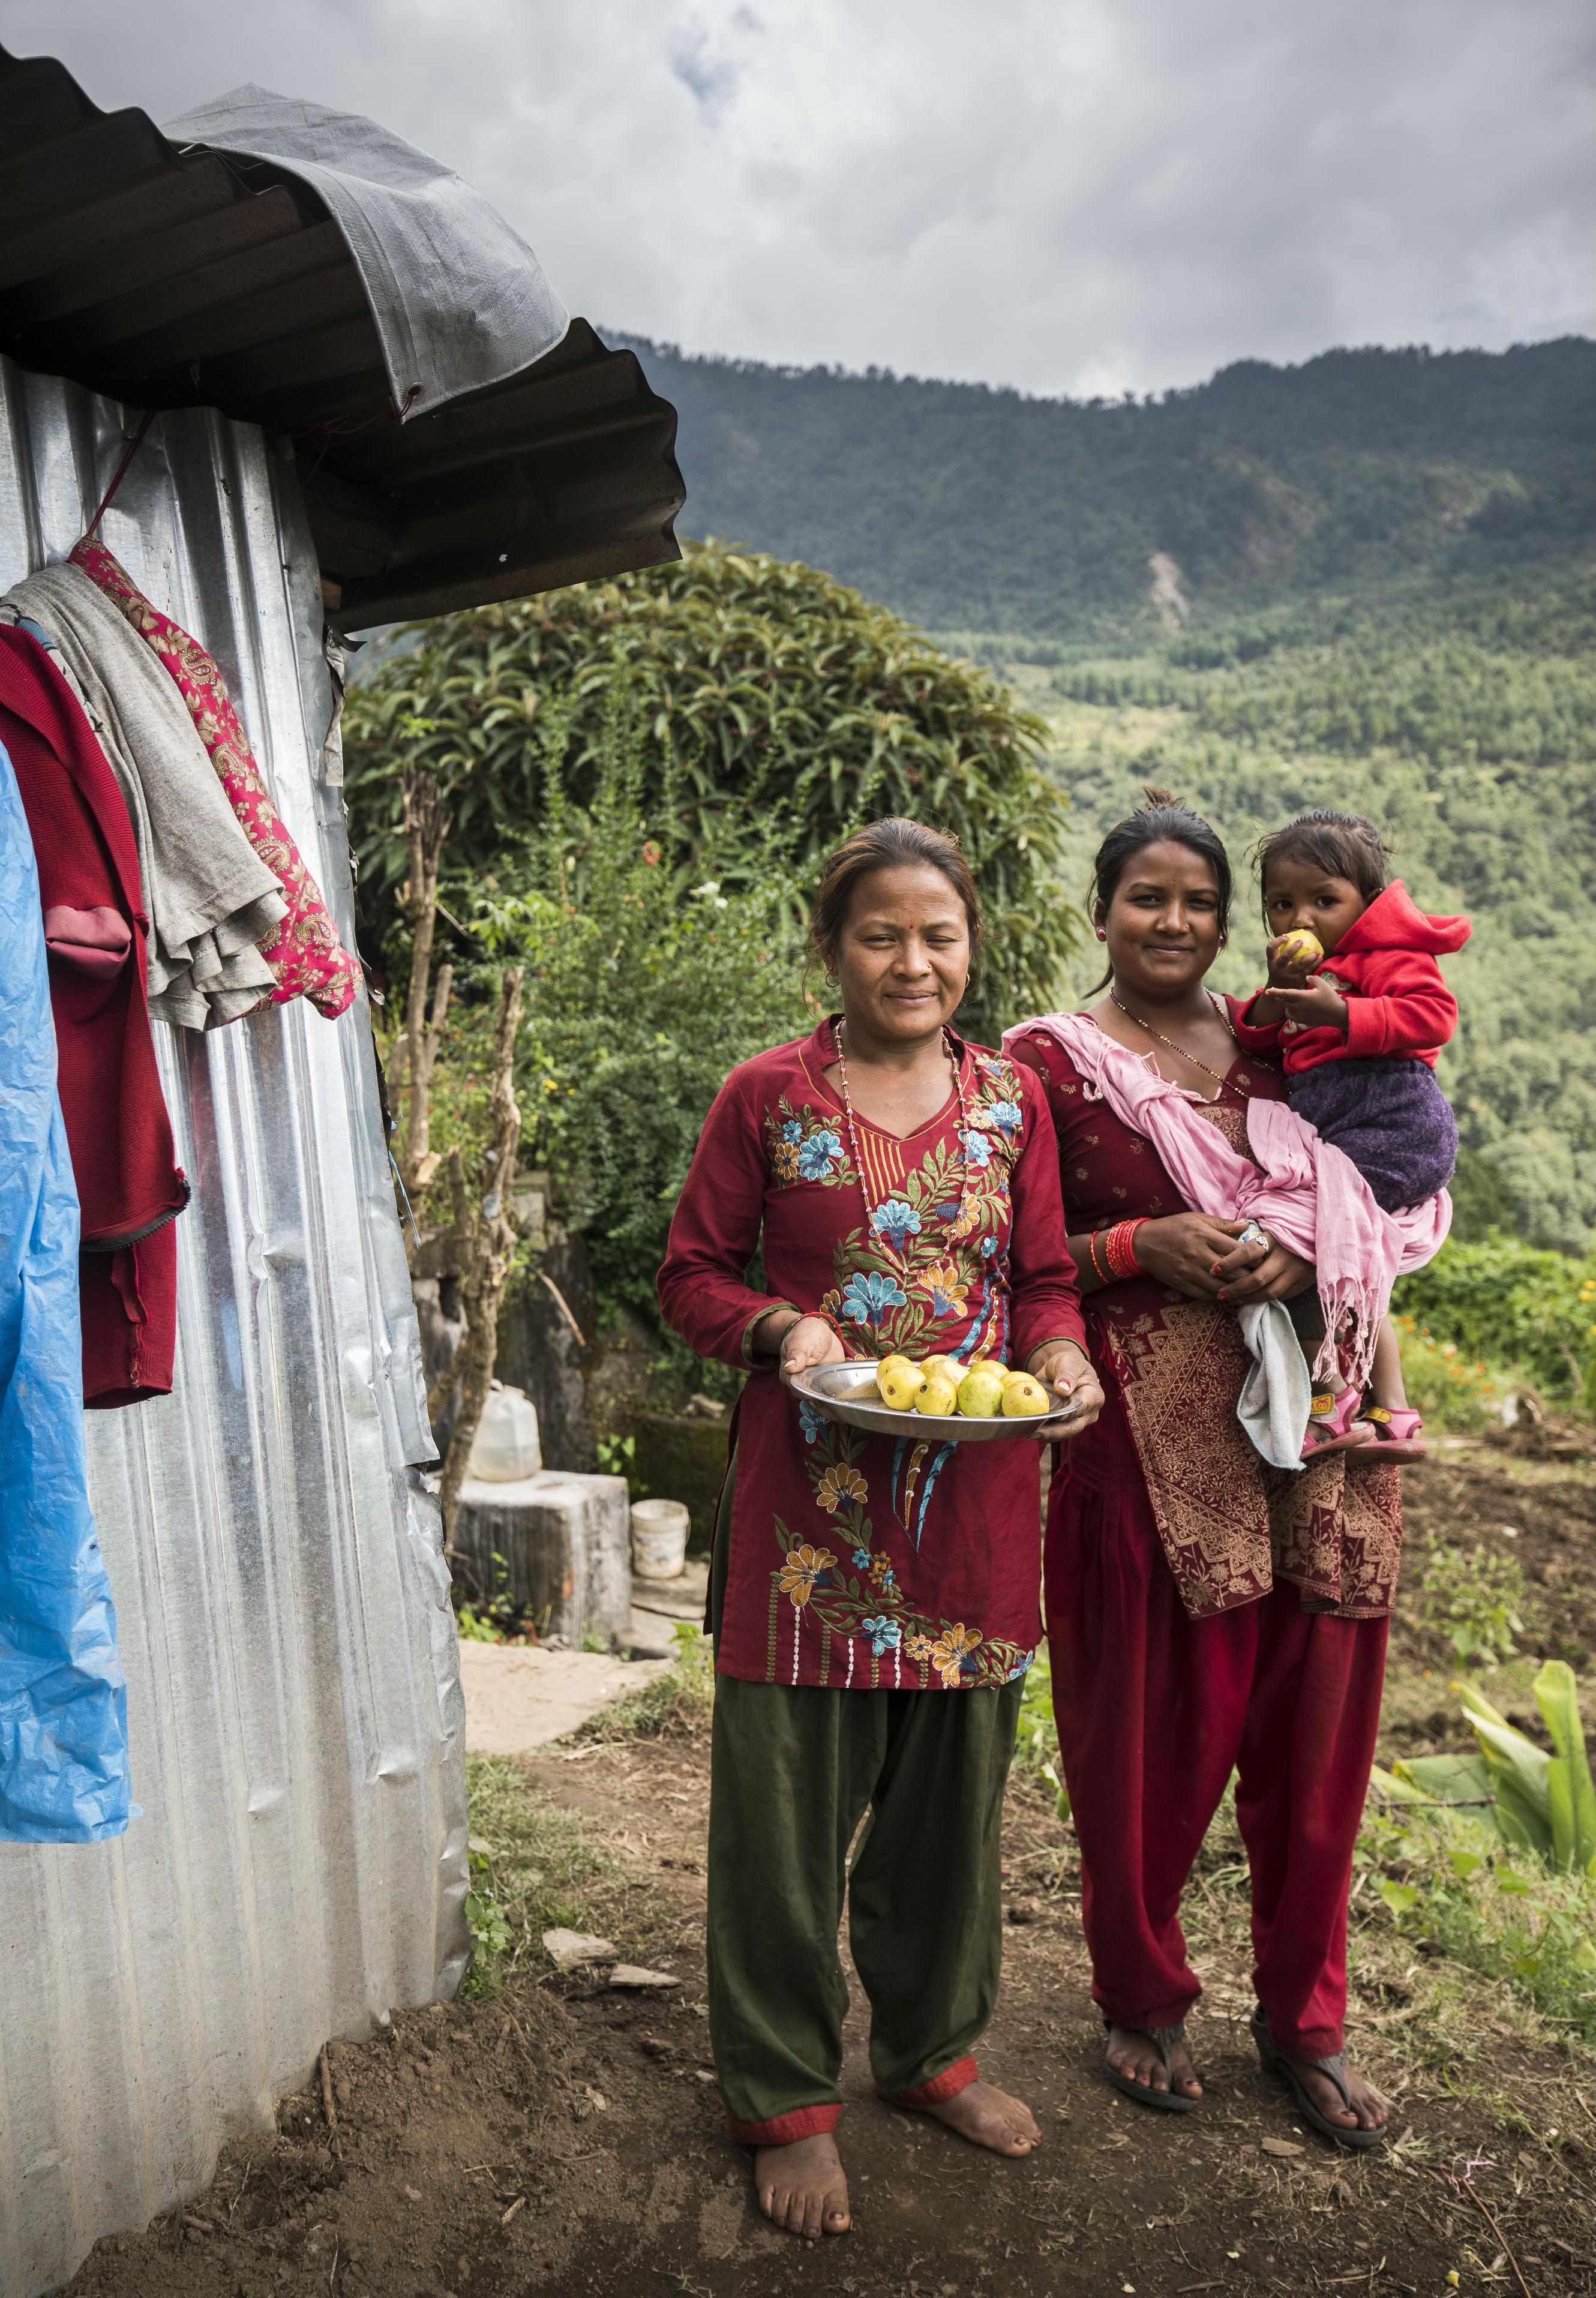 אשת העולם הגדול: בונות מתוך ההריסות בנפאל